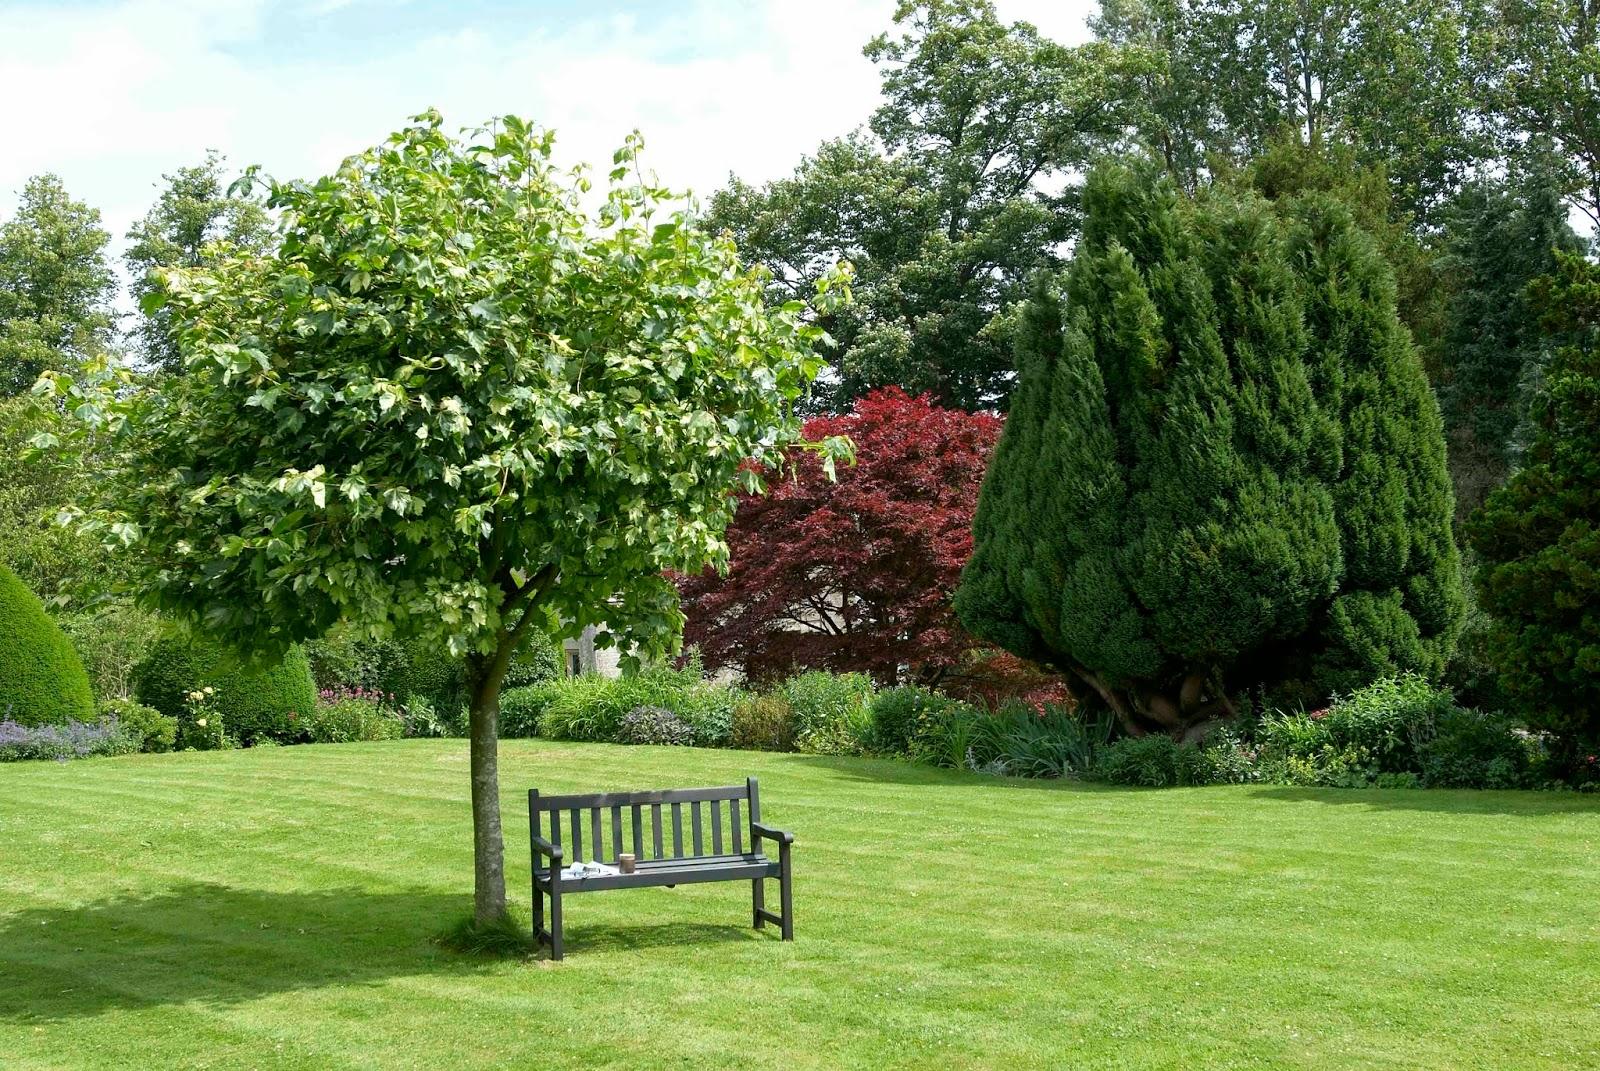 banco de jardim fazer:decoração bancos para jardim nada mais bonito  #7B9437 1600x1071